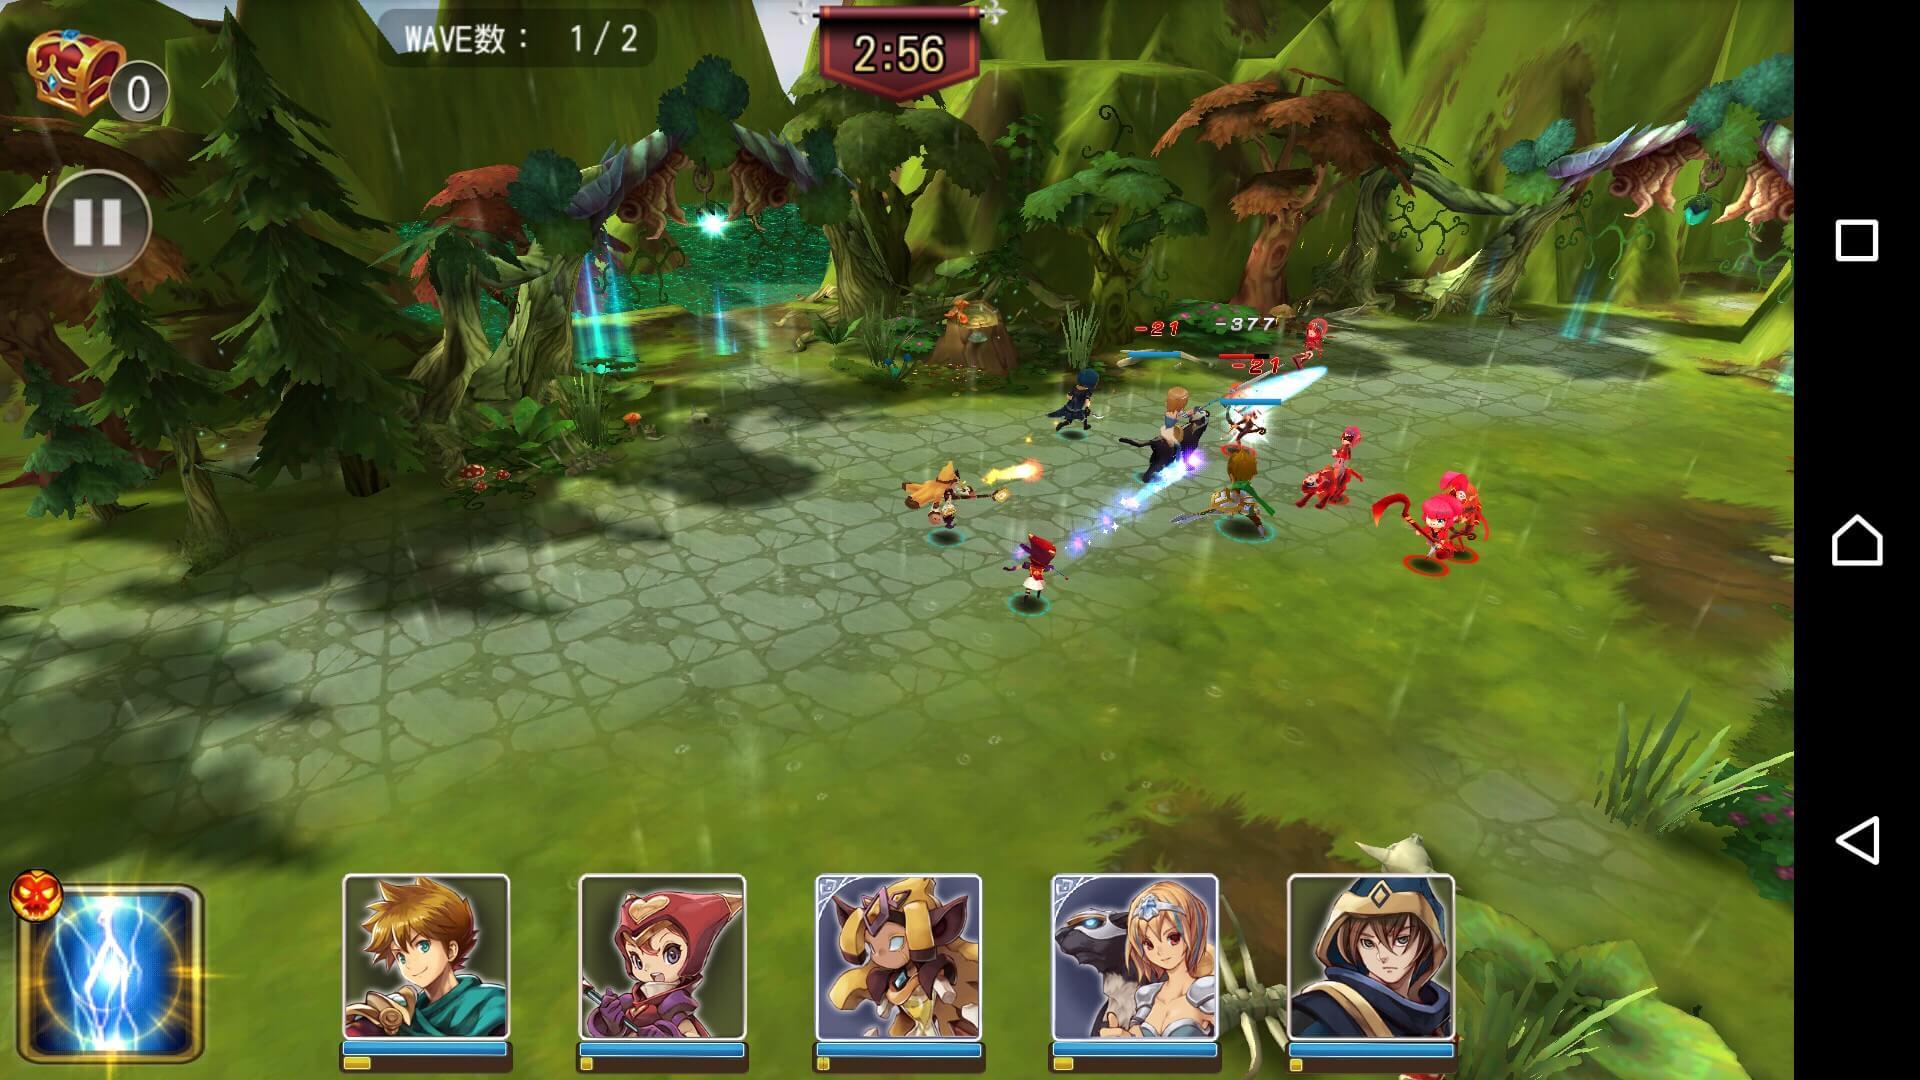 バトル画面では戦況がリアルタイムで変わっていきます。